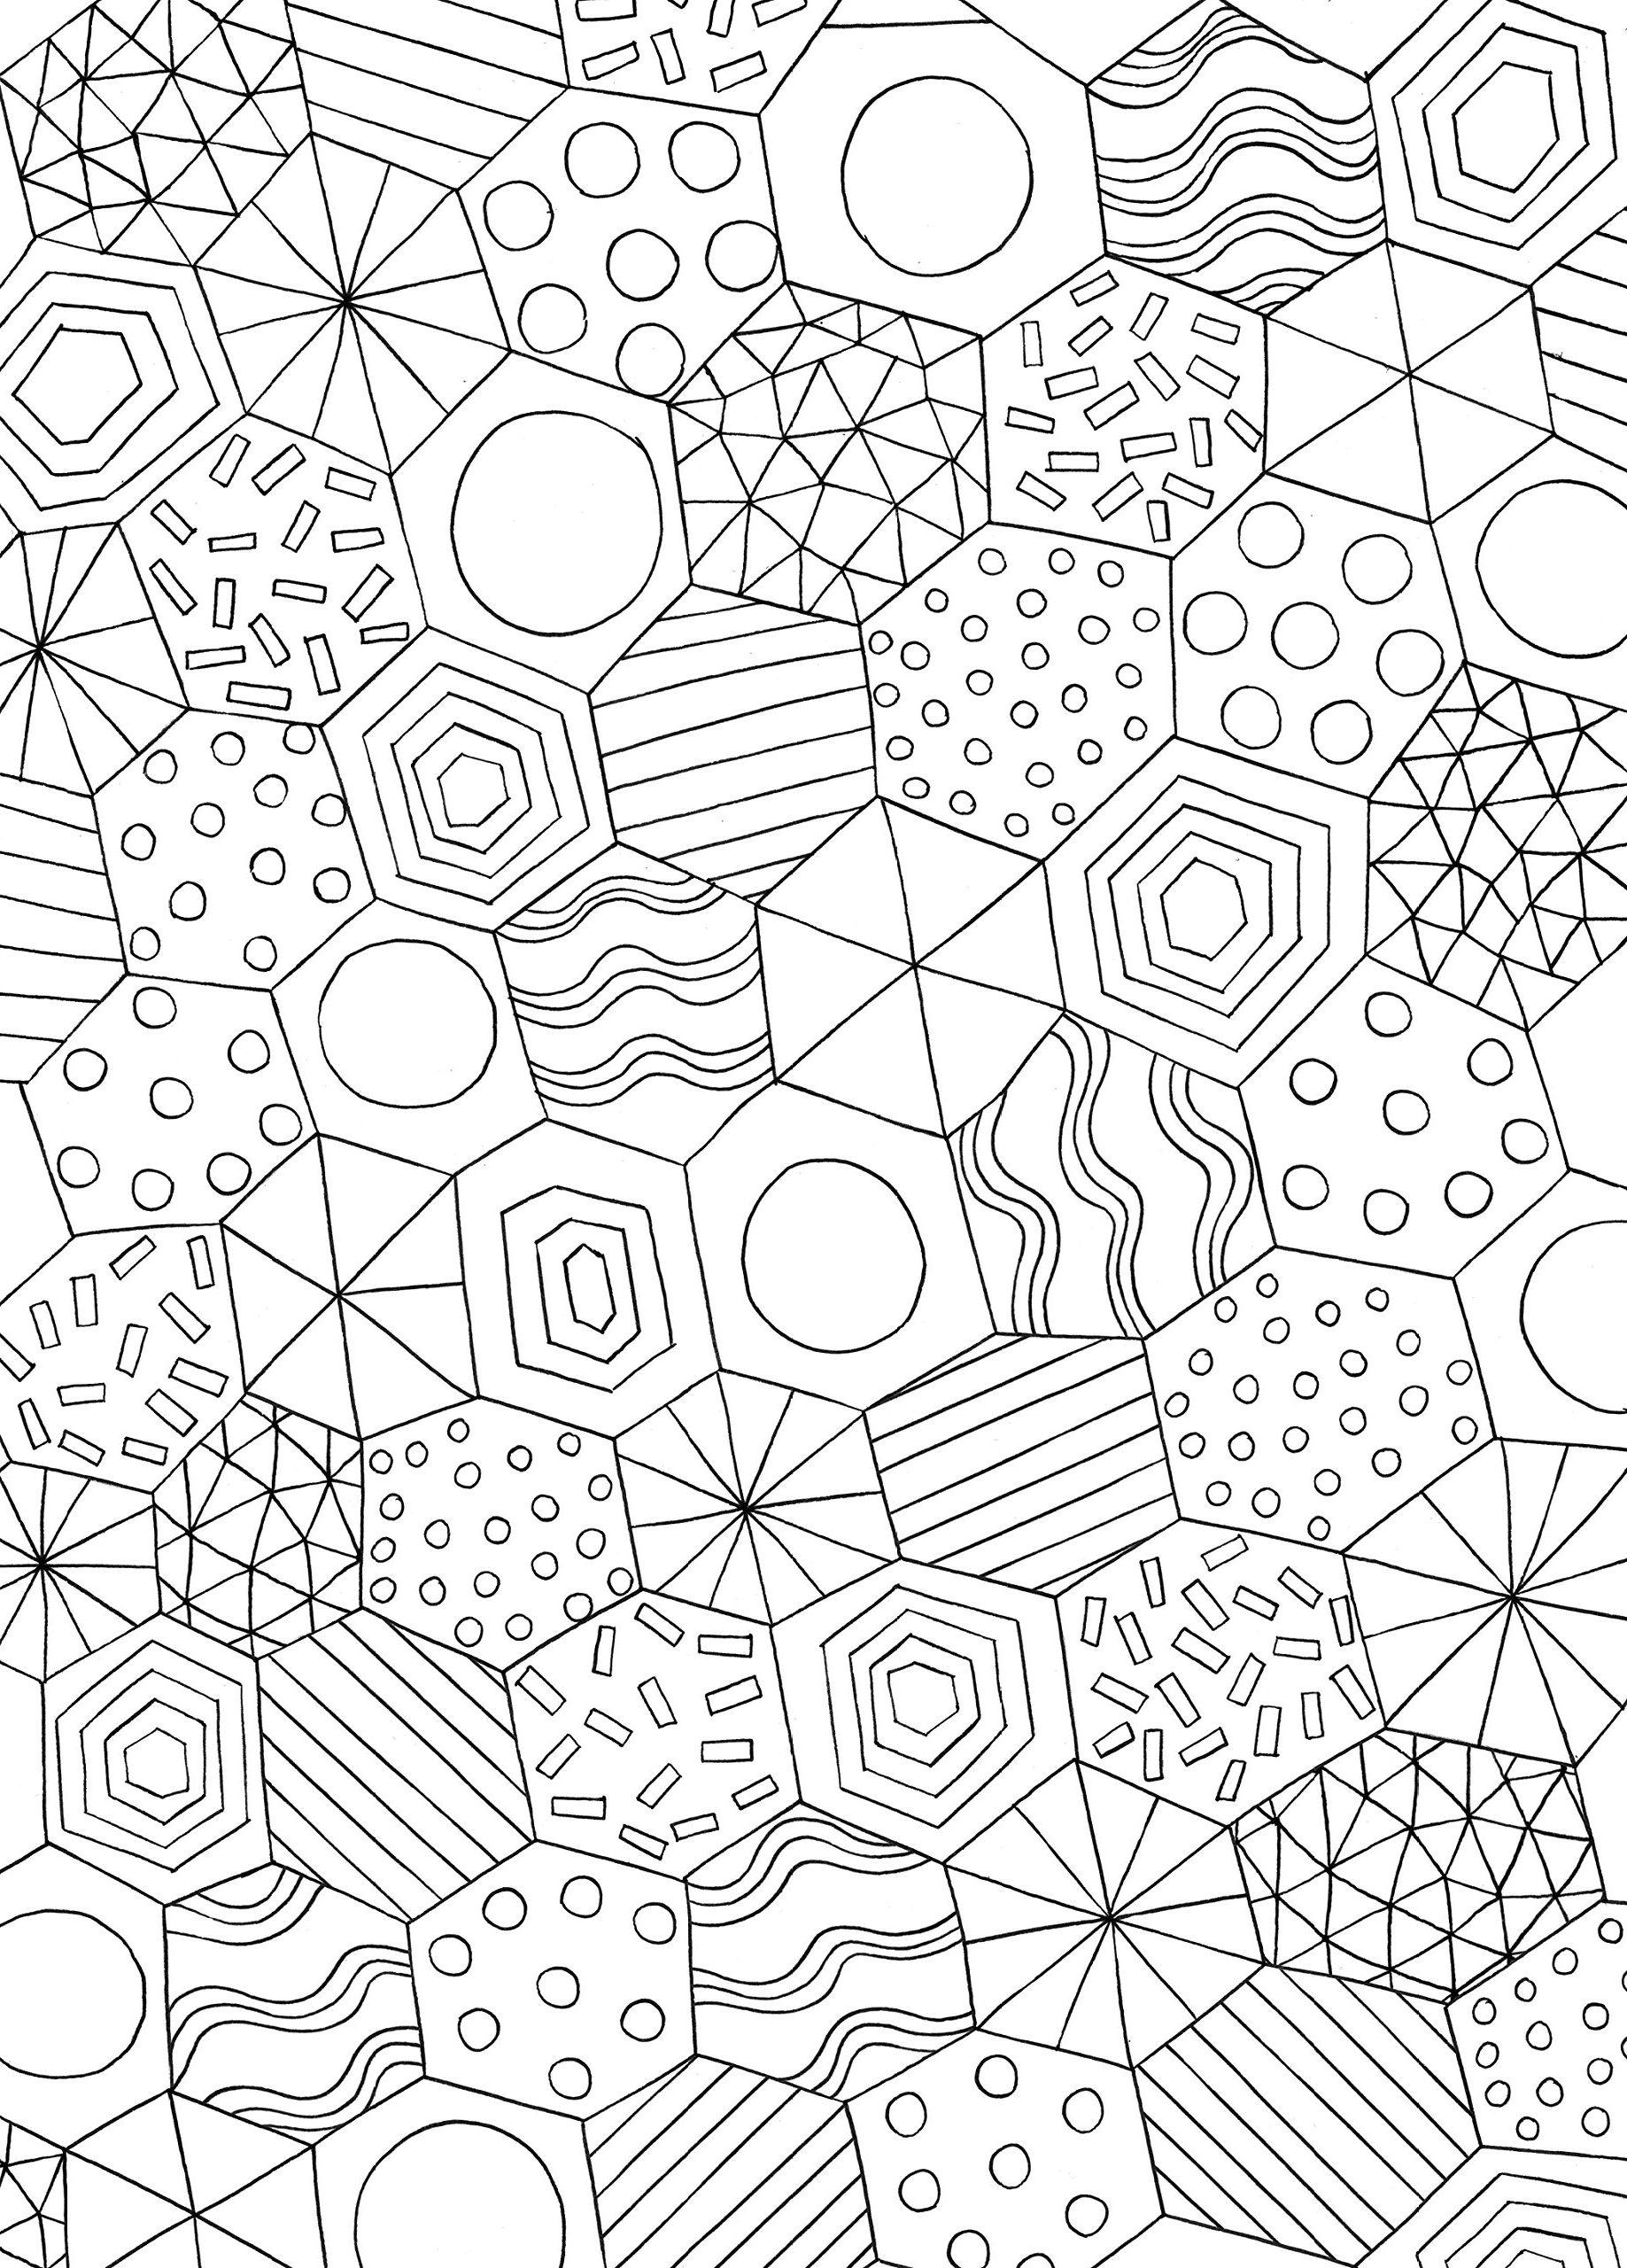 Раскраска антистресс многоугольники, чтобы распечатать в хорошем качестве